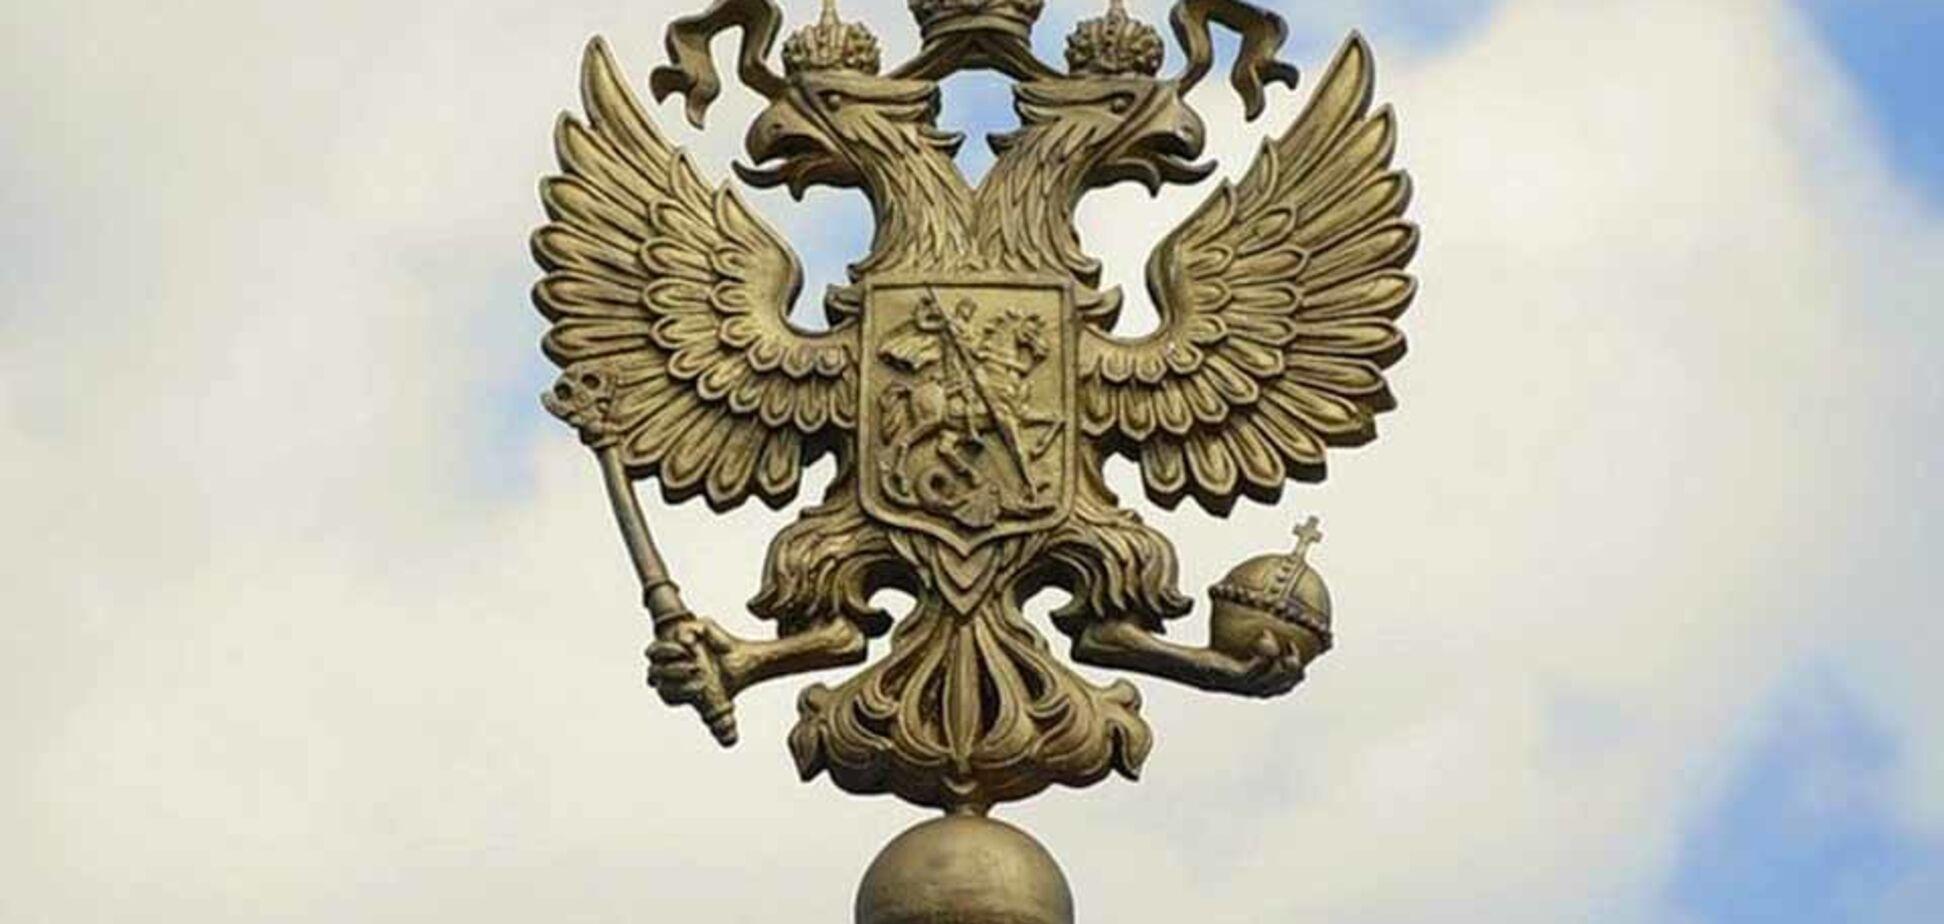 Неудачный гибрид? В российском городе оскандалились с серпом и молотом: фотофакт